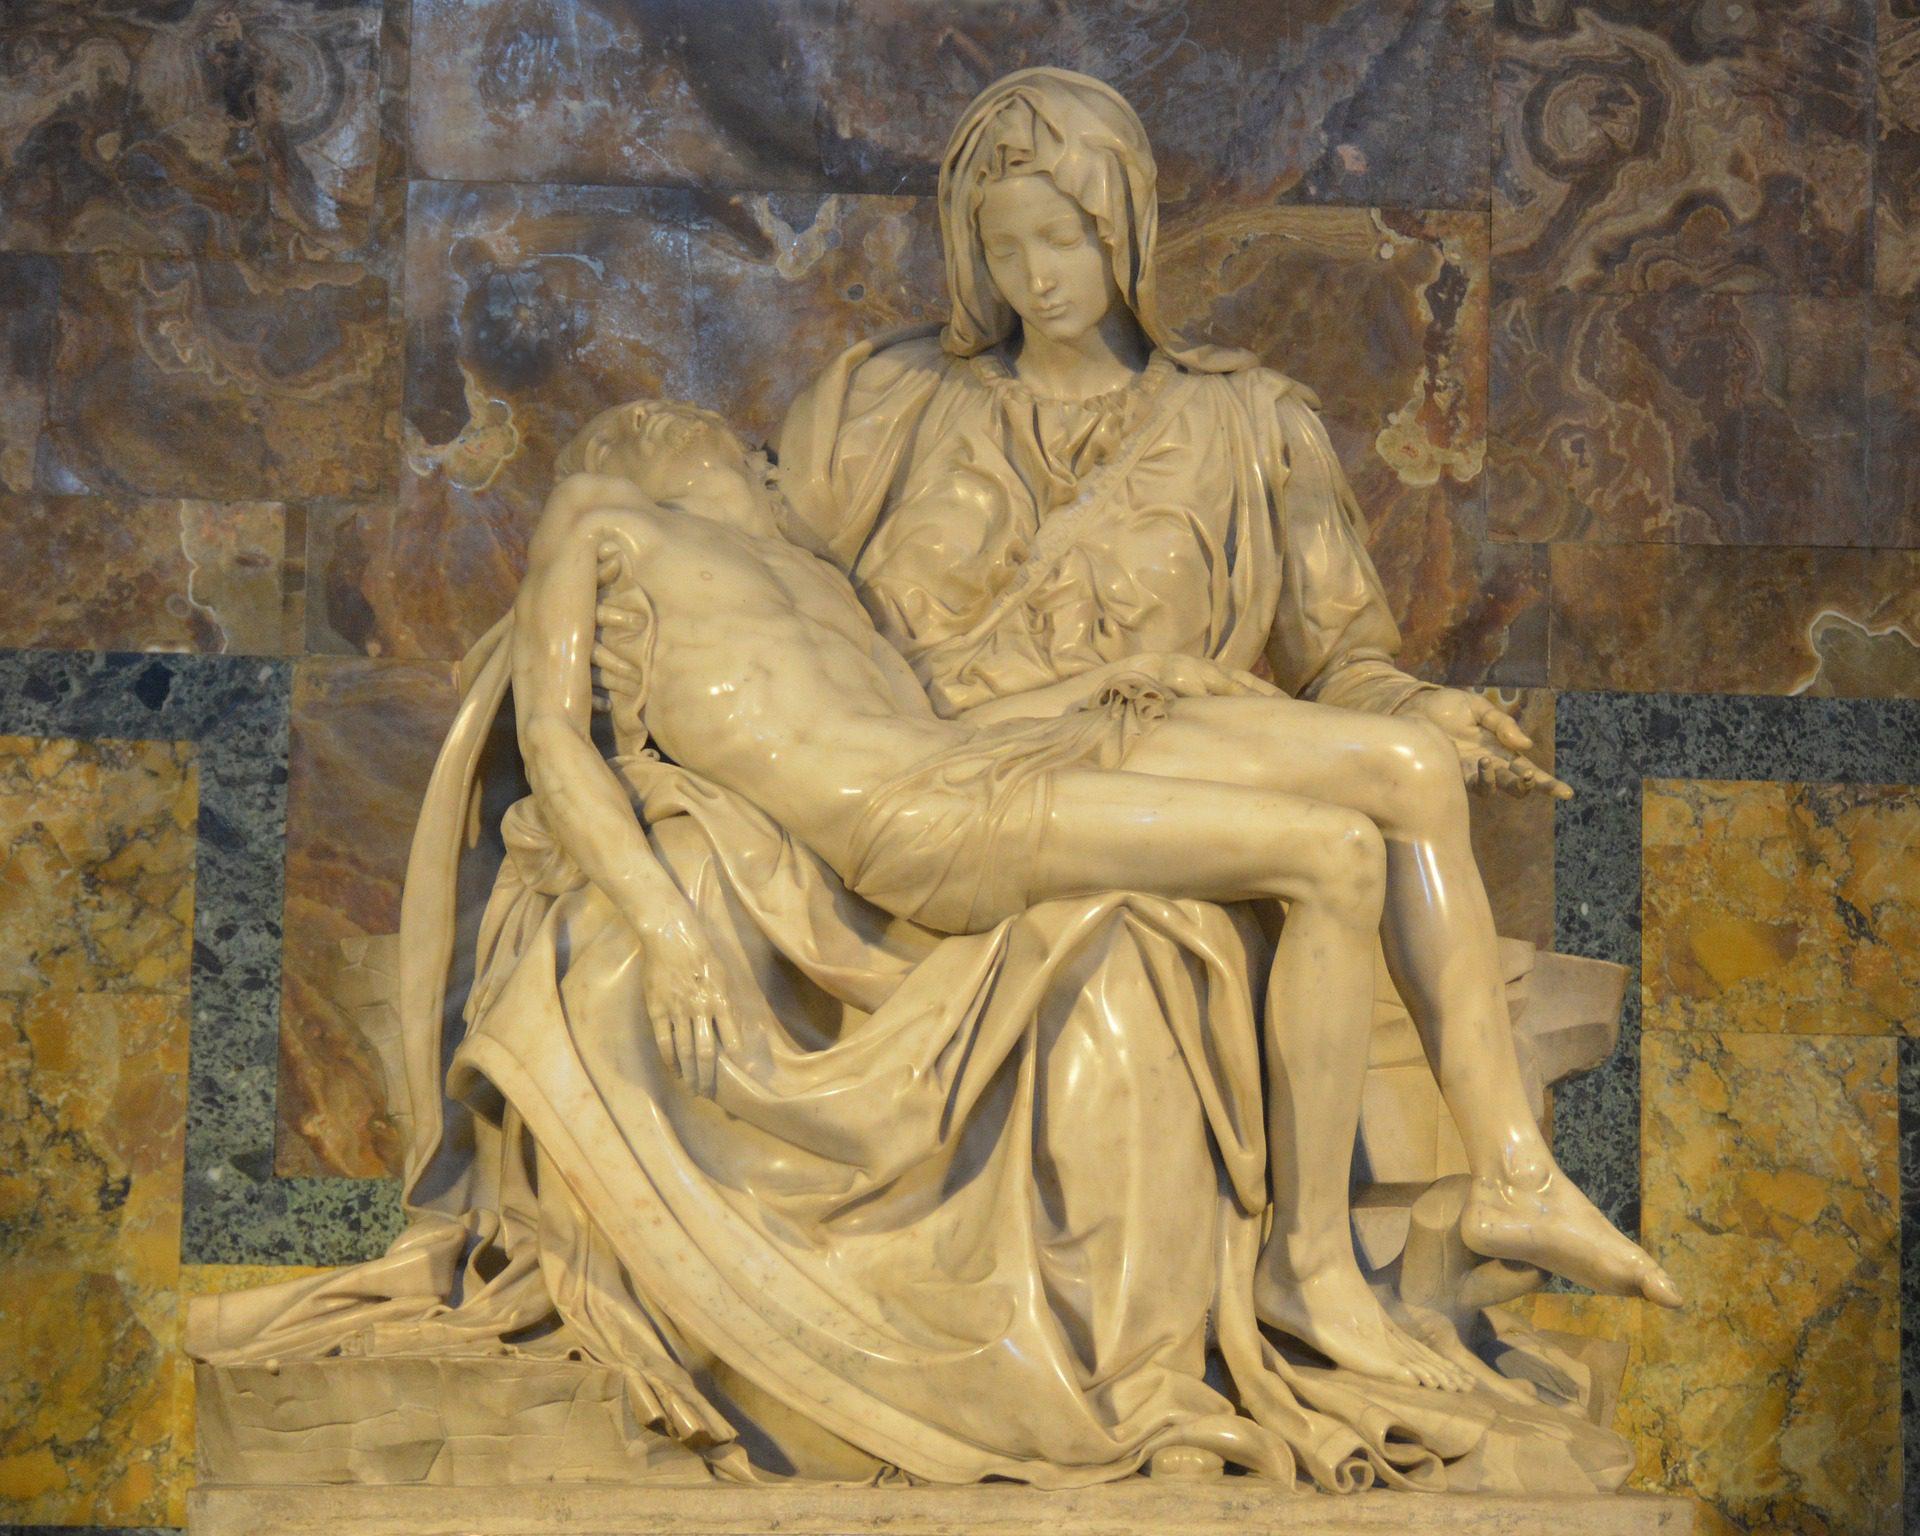 Michangelo's Pieta, St. Peter's Basilica, Rome